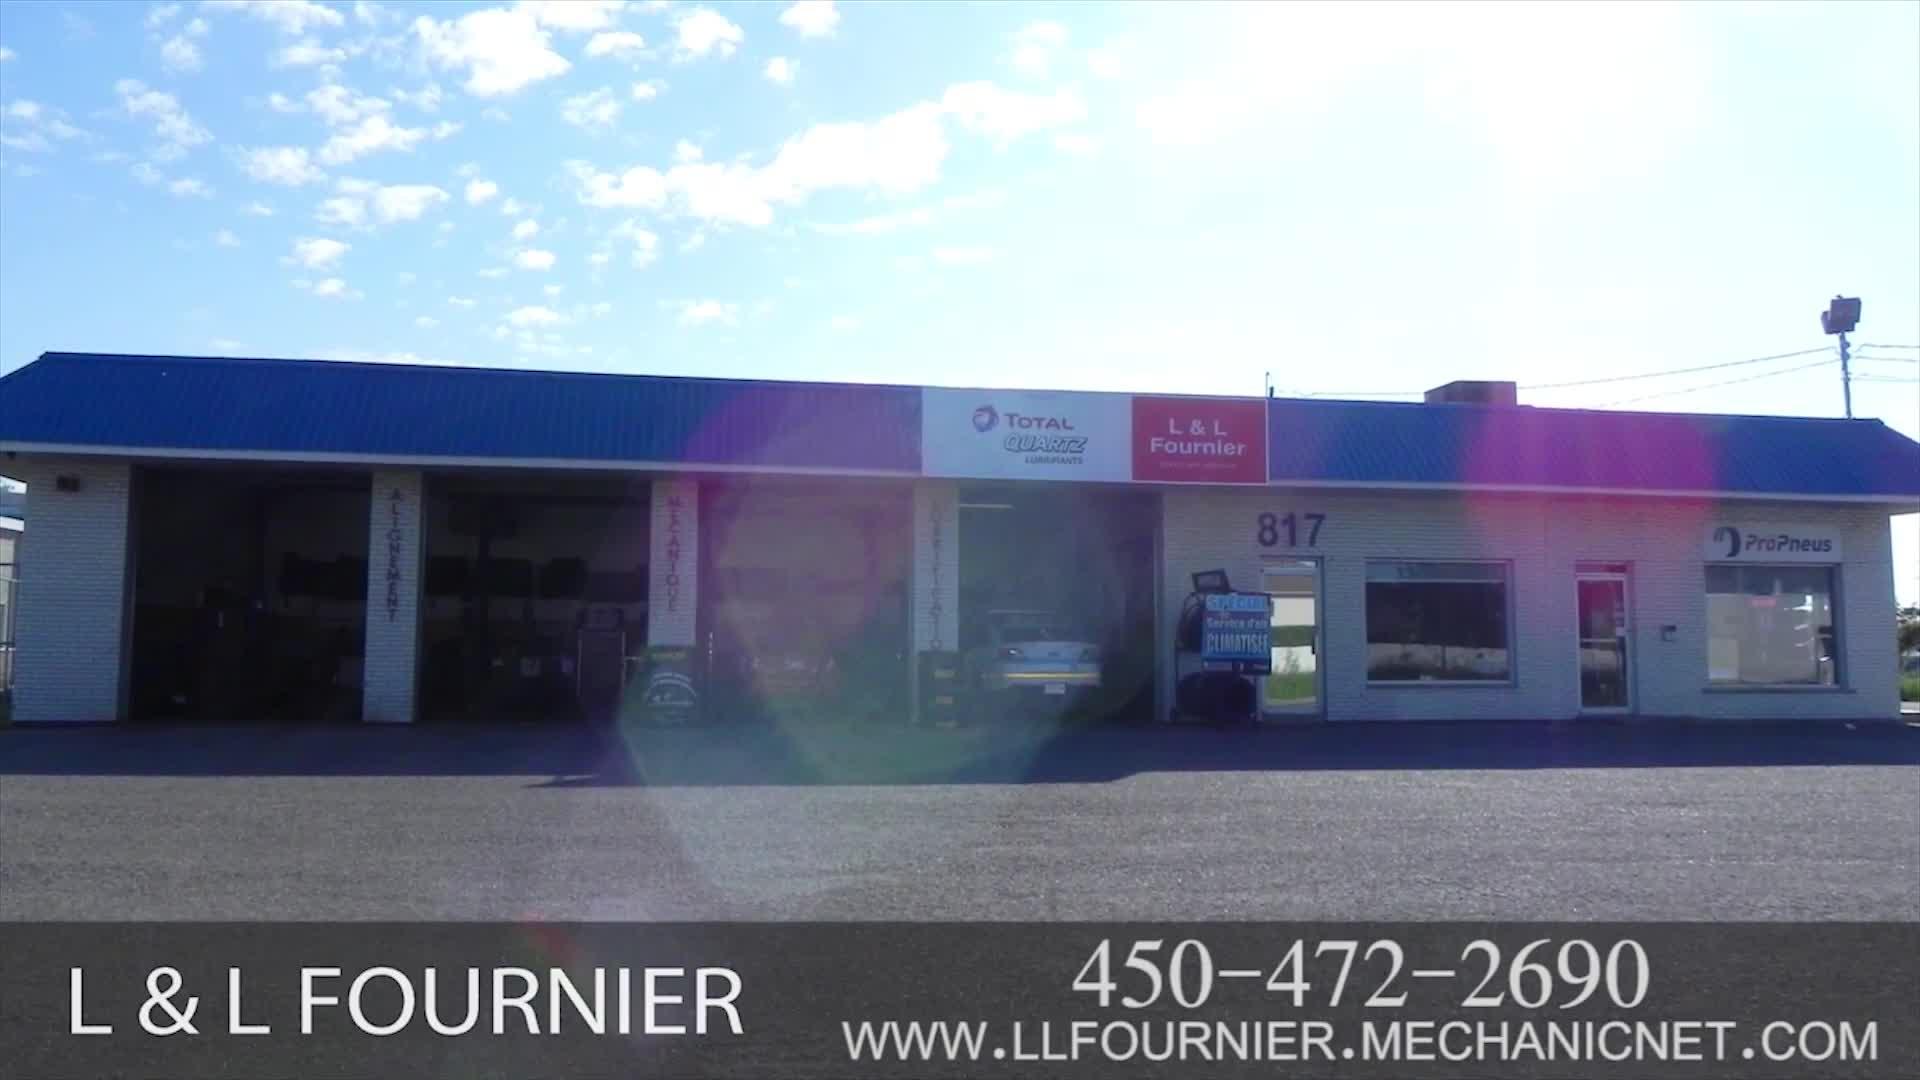 Centre LL Fournier - Garages de réparation d'auto - 450-472-2690